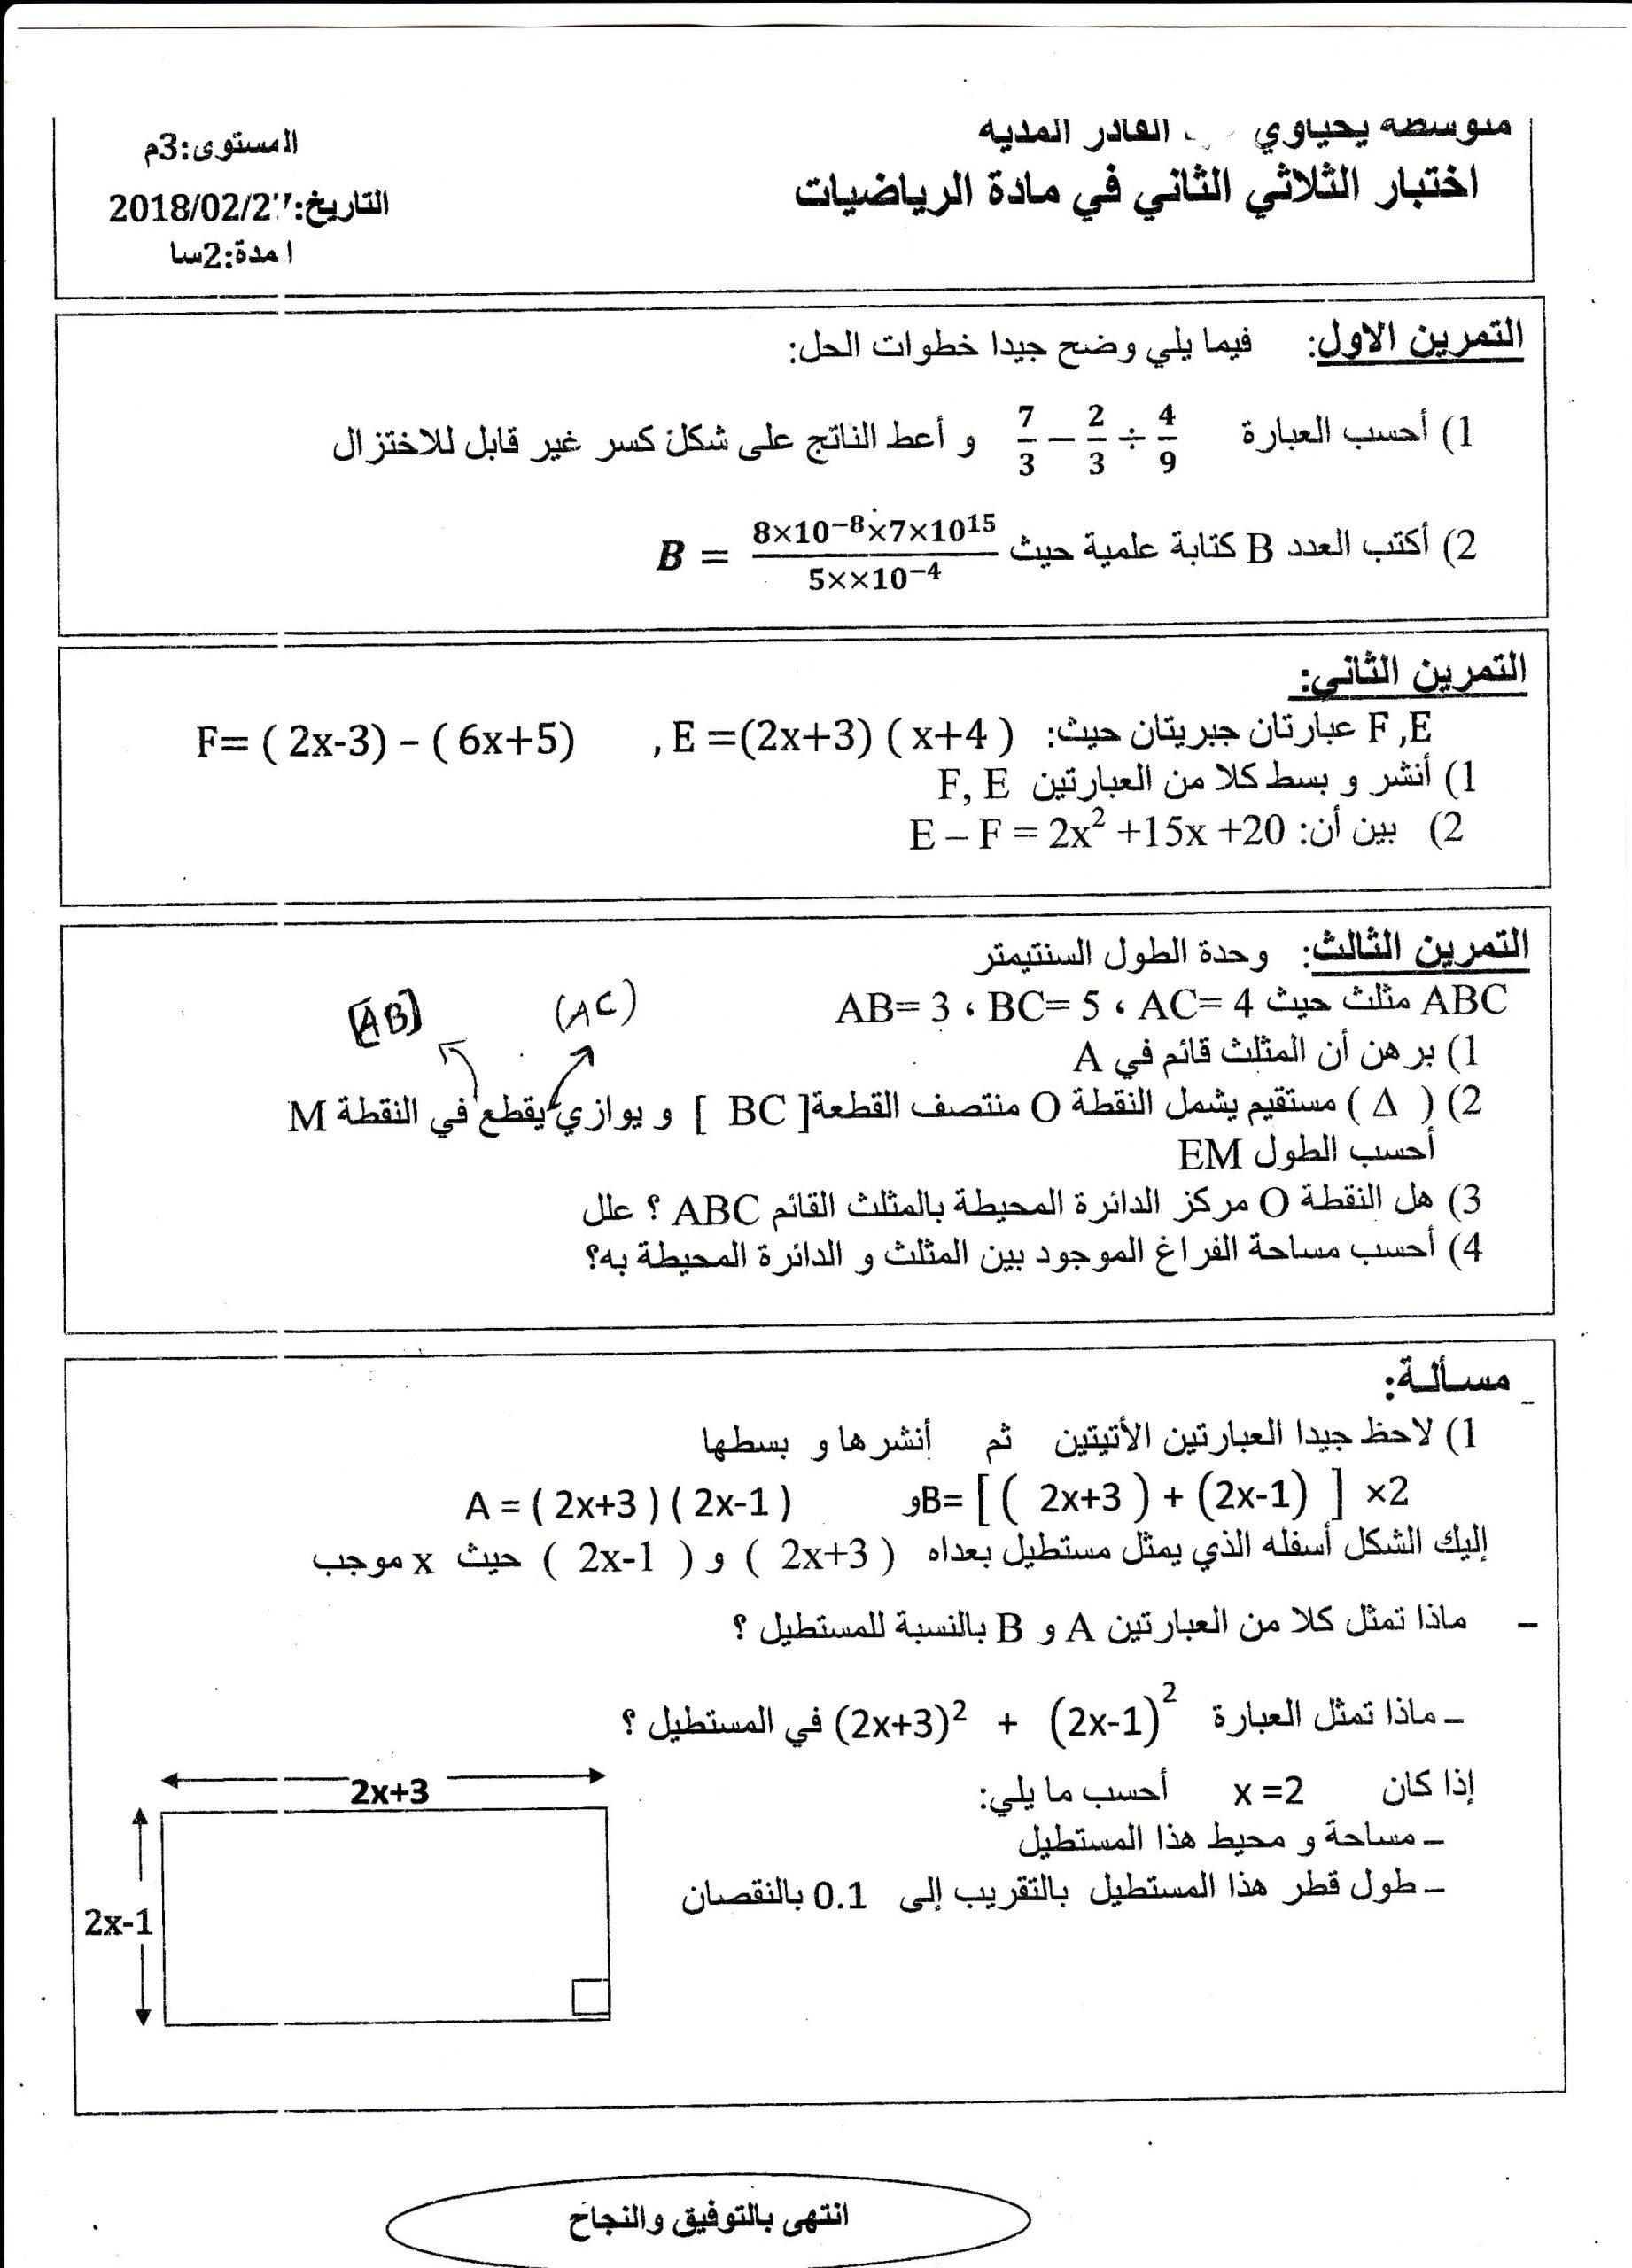 اختبار الفصل الثاني في مادة الرياضيات السنة الثالثة متوسط   الموضوع 01